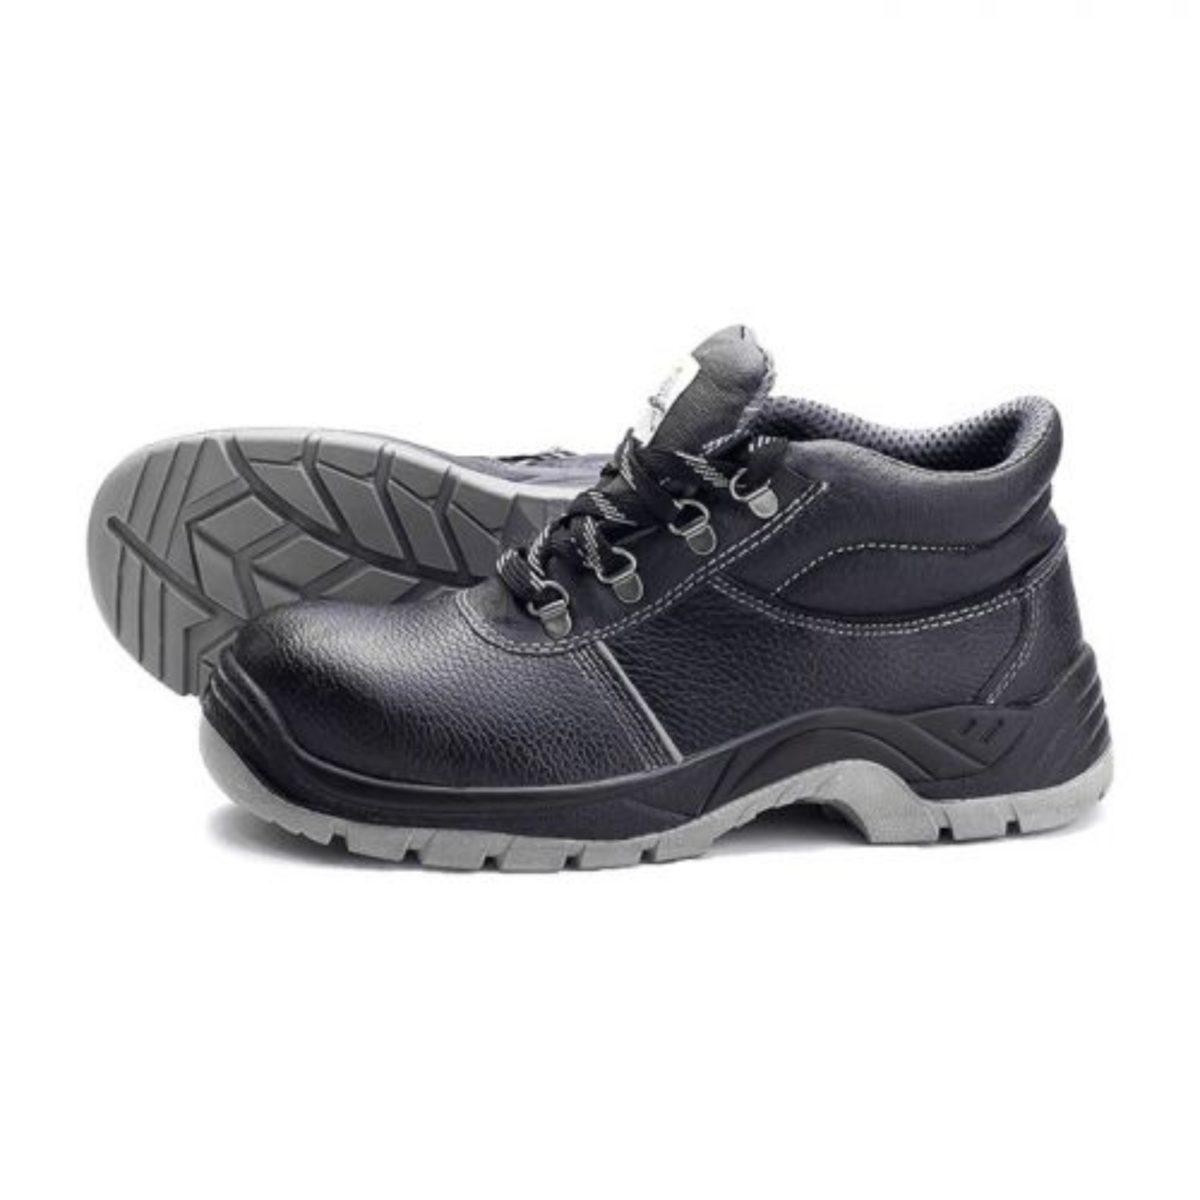 Ботинки защитные рабочие 4208 с мехом